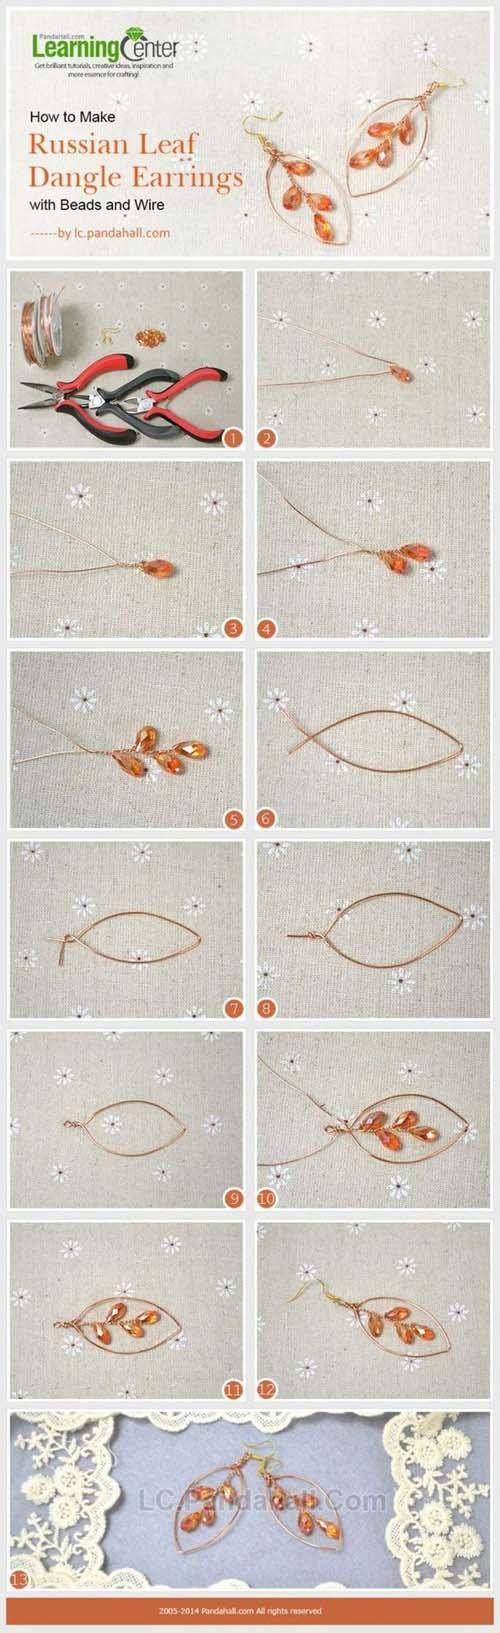 Υπέροχες ιδέες για να φτιάξετε τα δικά σας σκουλαρίκια (3)